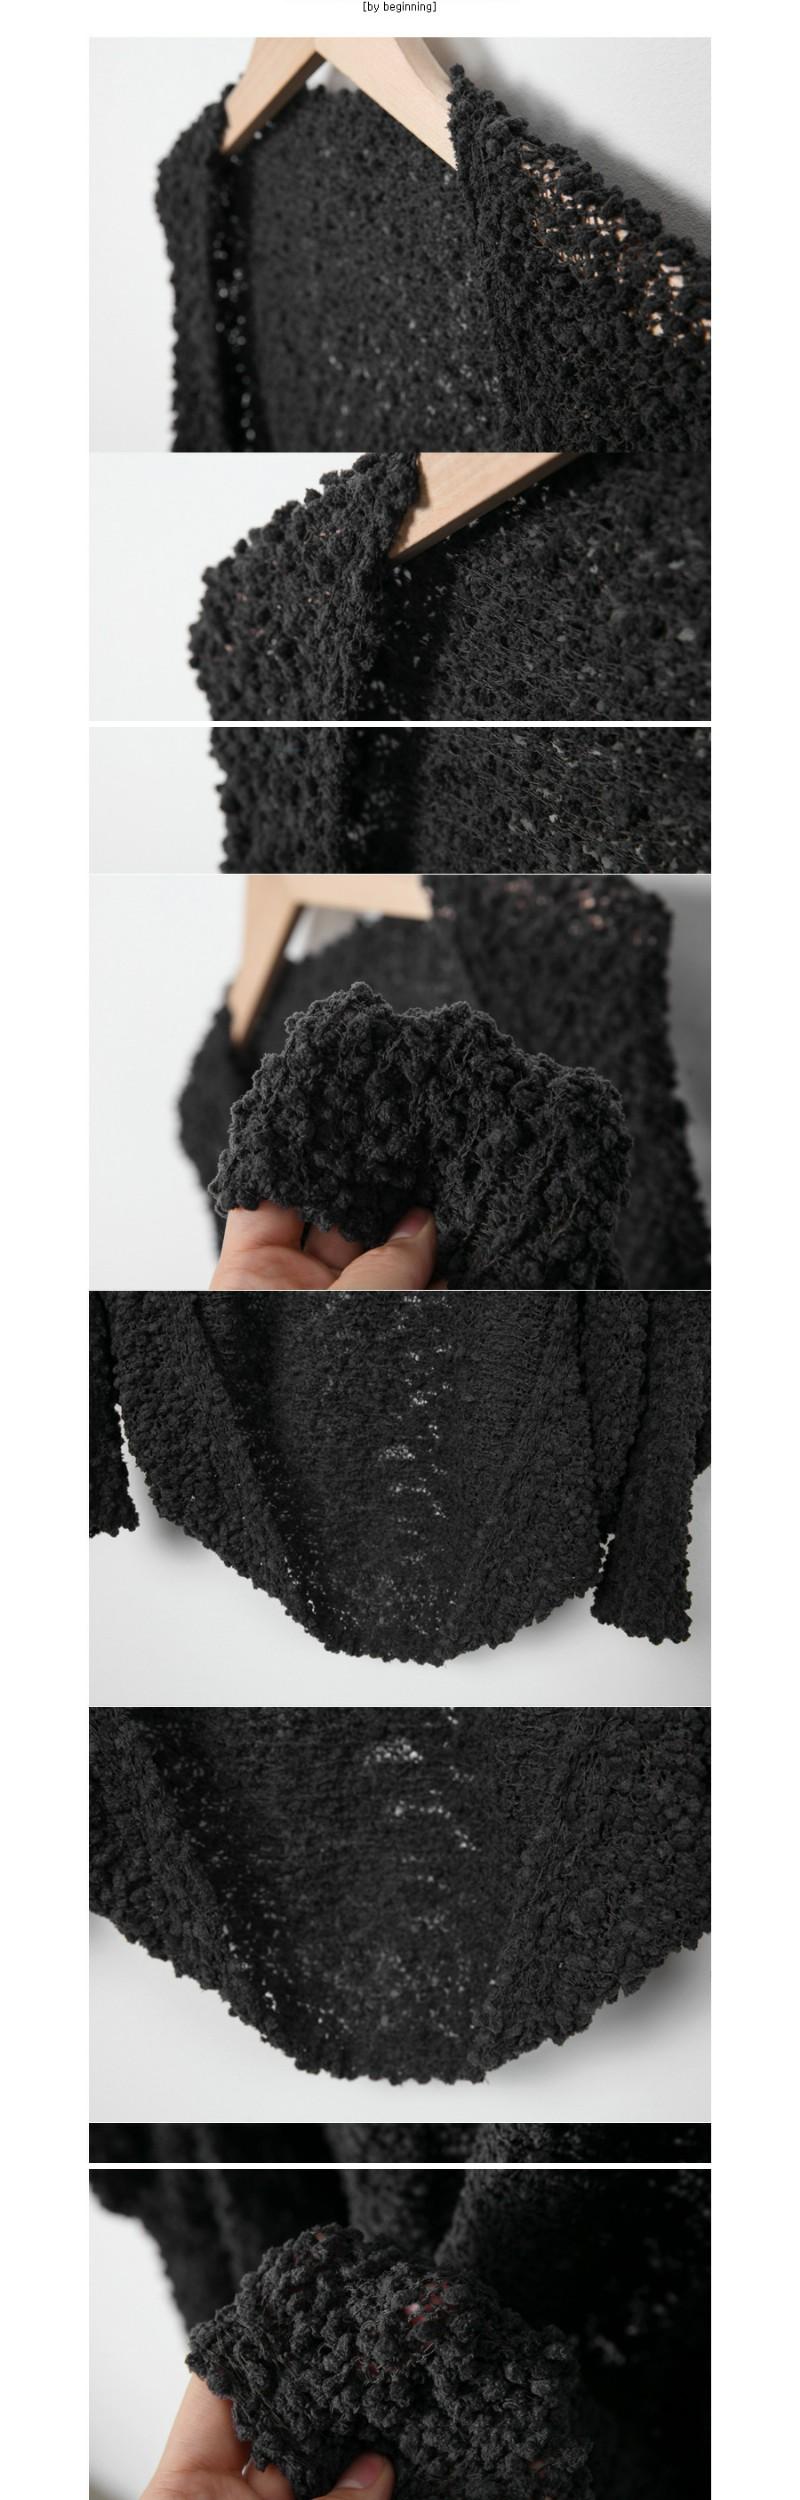 Boucle soft bolero (size : free)